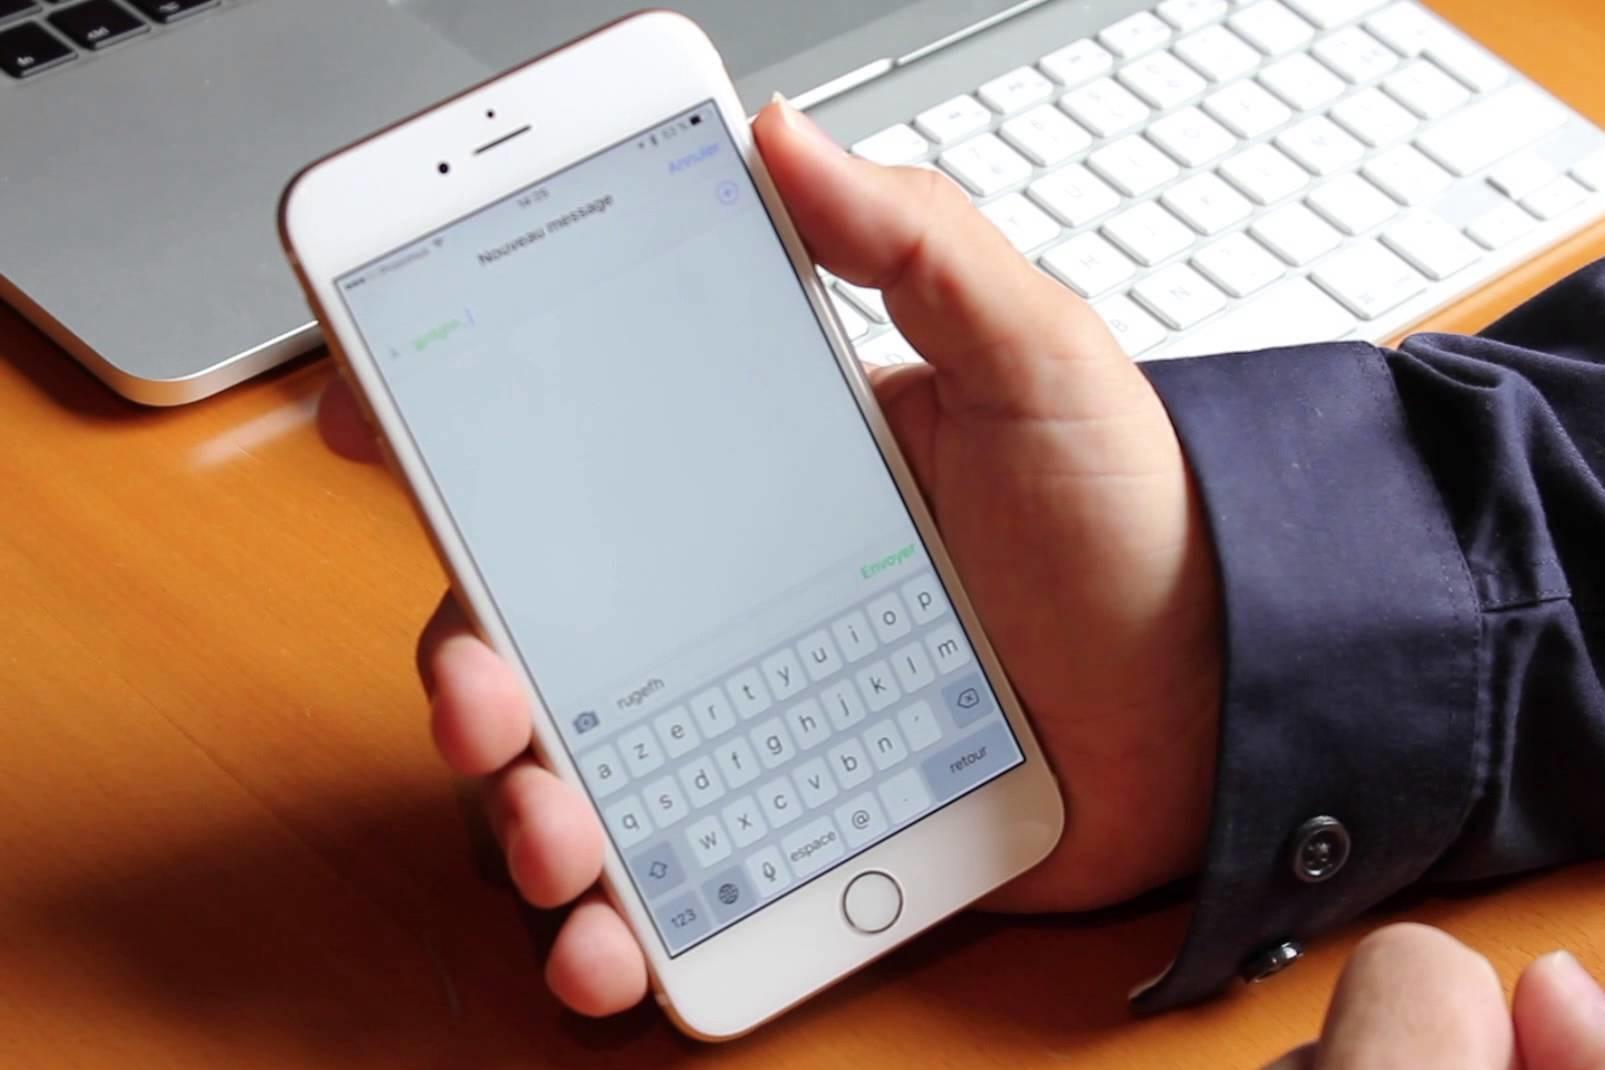 Imagem de Brecha: nova forma burlar a tela de bloqueio do iOS é encontrada [vídeo] no tecmundo